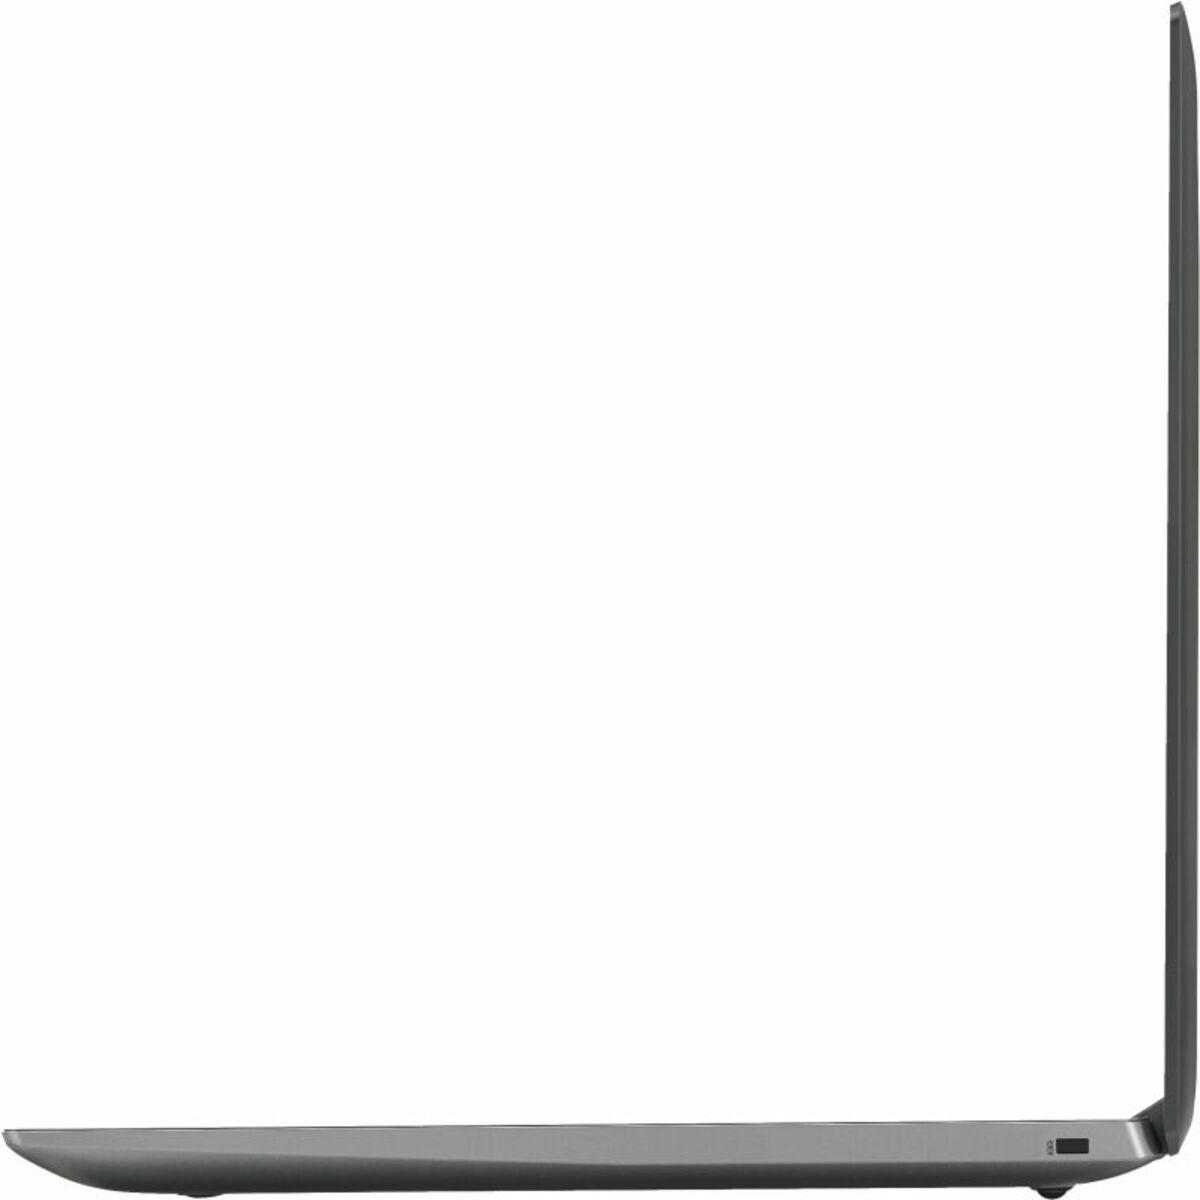 Bild 5 von Lenovo IdeaPad 330-15AST